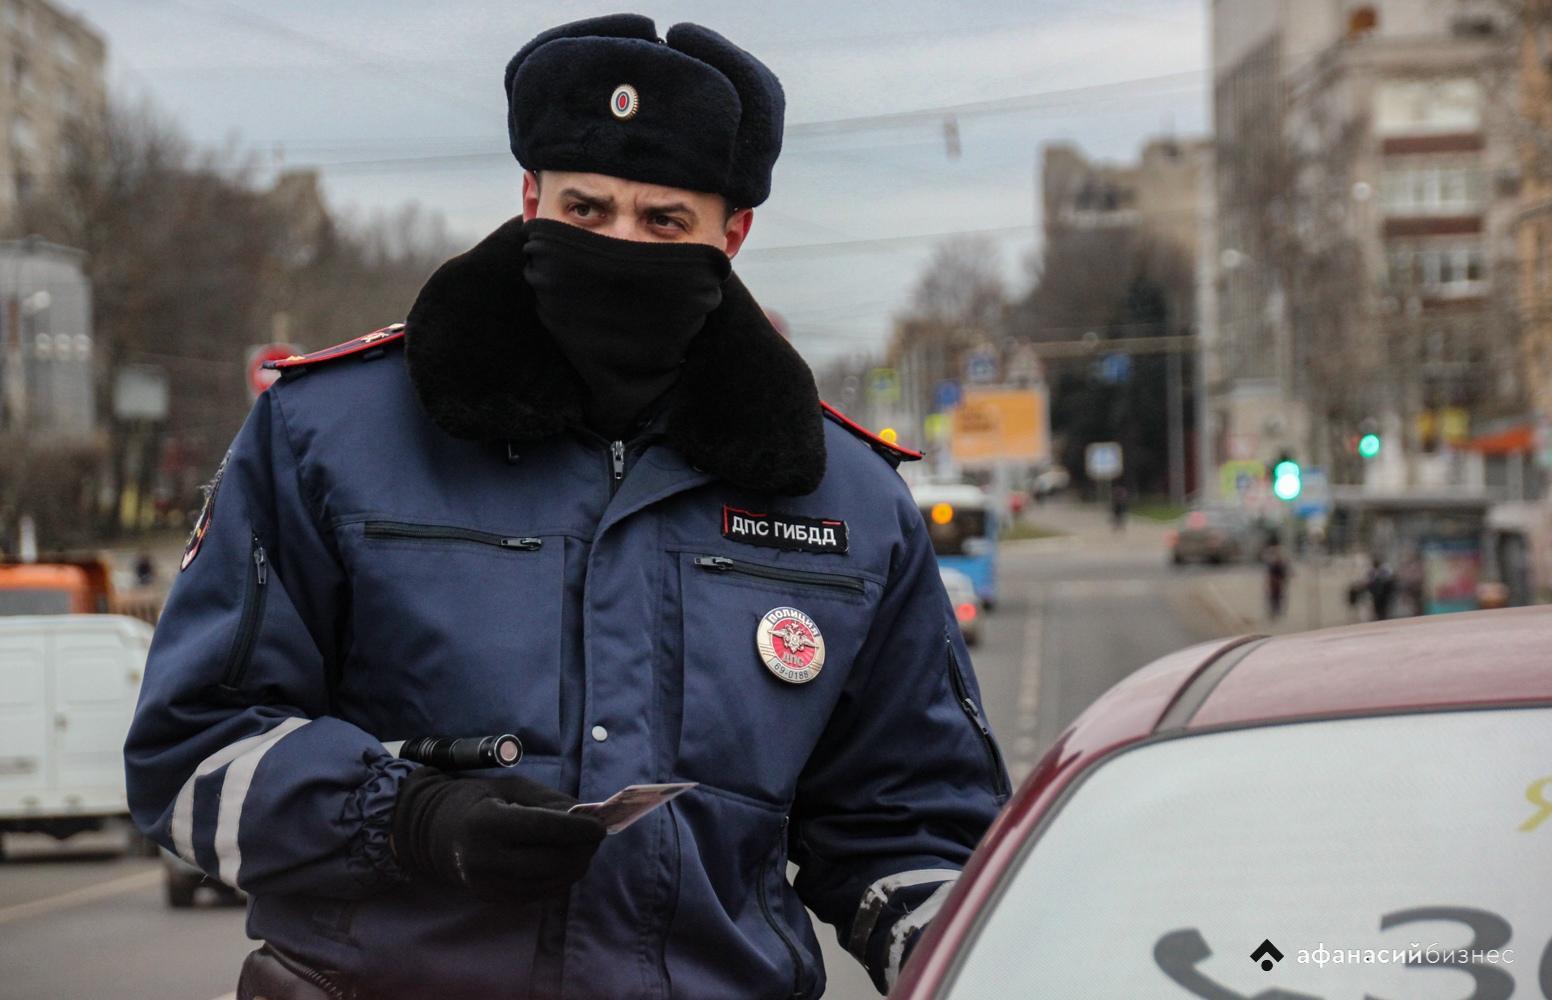 В Тверской области пьяный мужчина вез ребенка и устроил ДТП - новости Афанасий